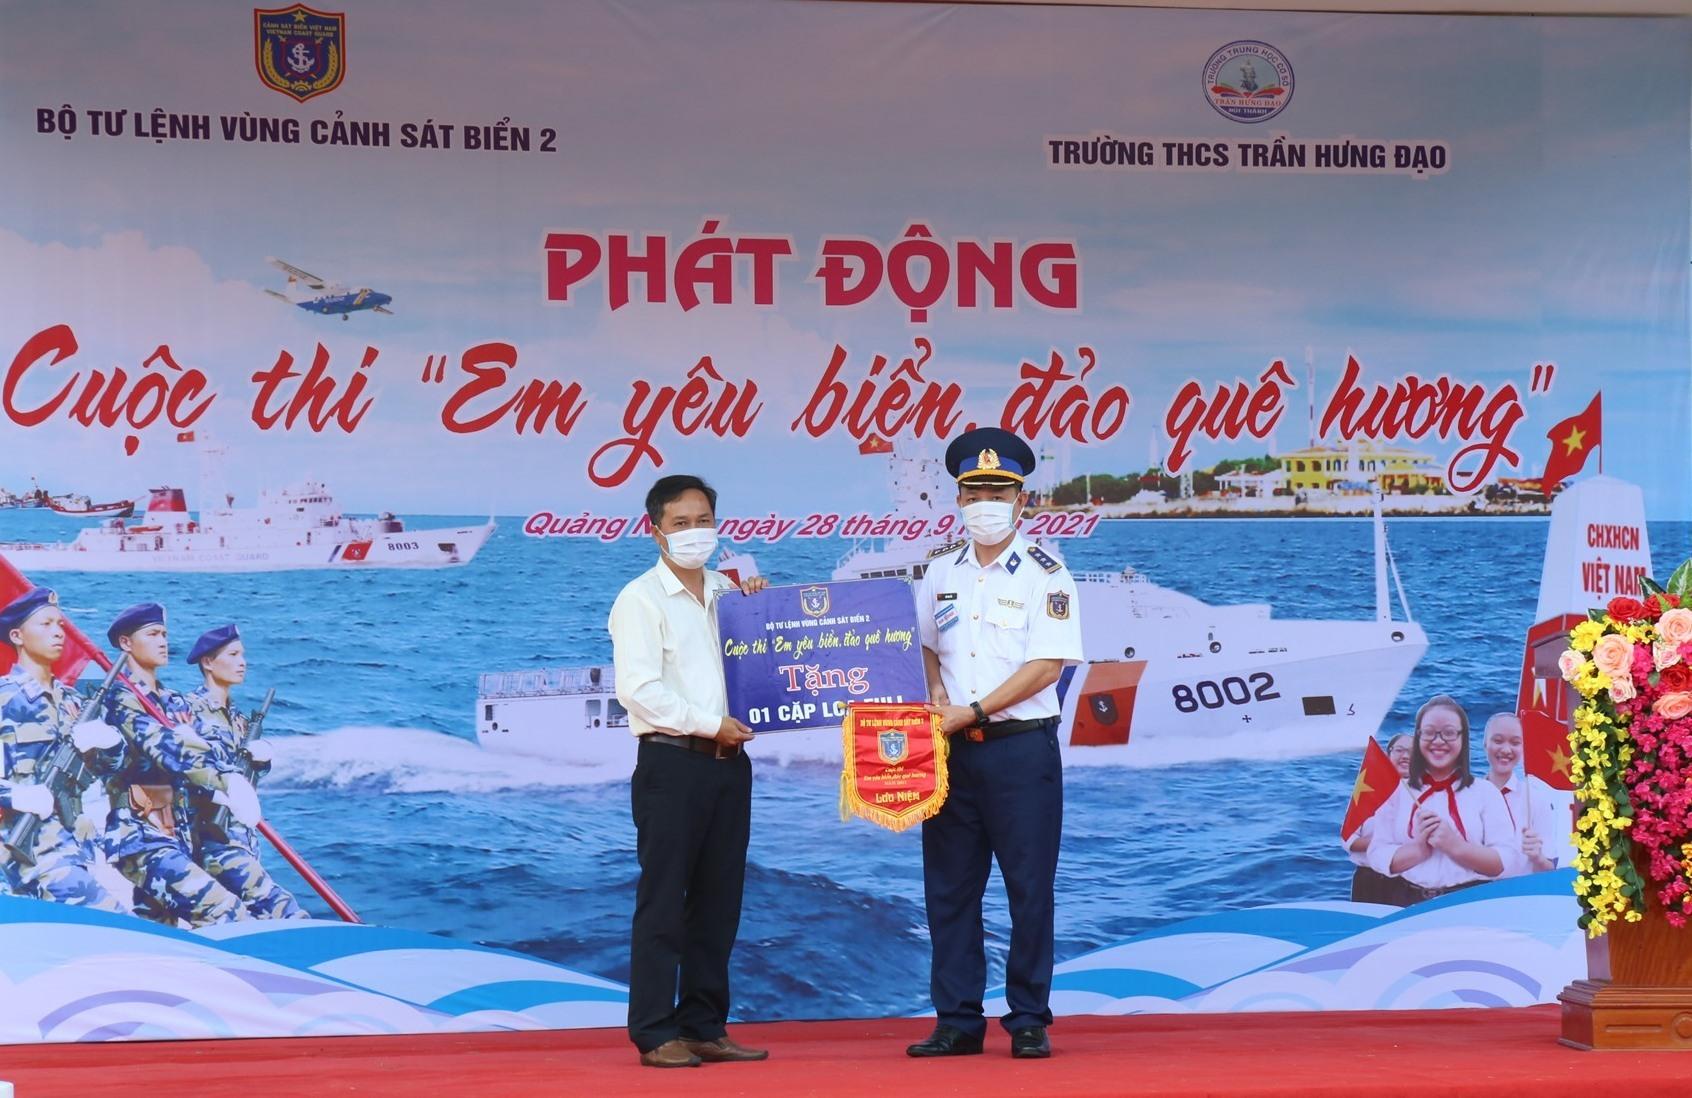 Thượng tá Bùi Đại Hải - Phó Chính ủy Bộ tư lệnh Vùng Cảnh sát biển 2 trao tặng quà và cờ lưu niệm cho Nhà trường